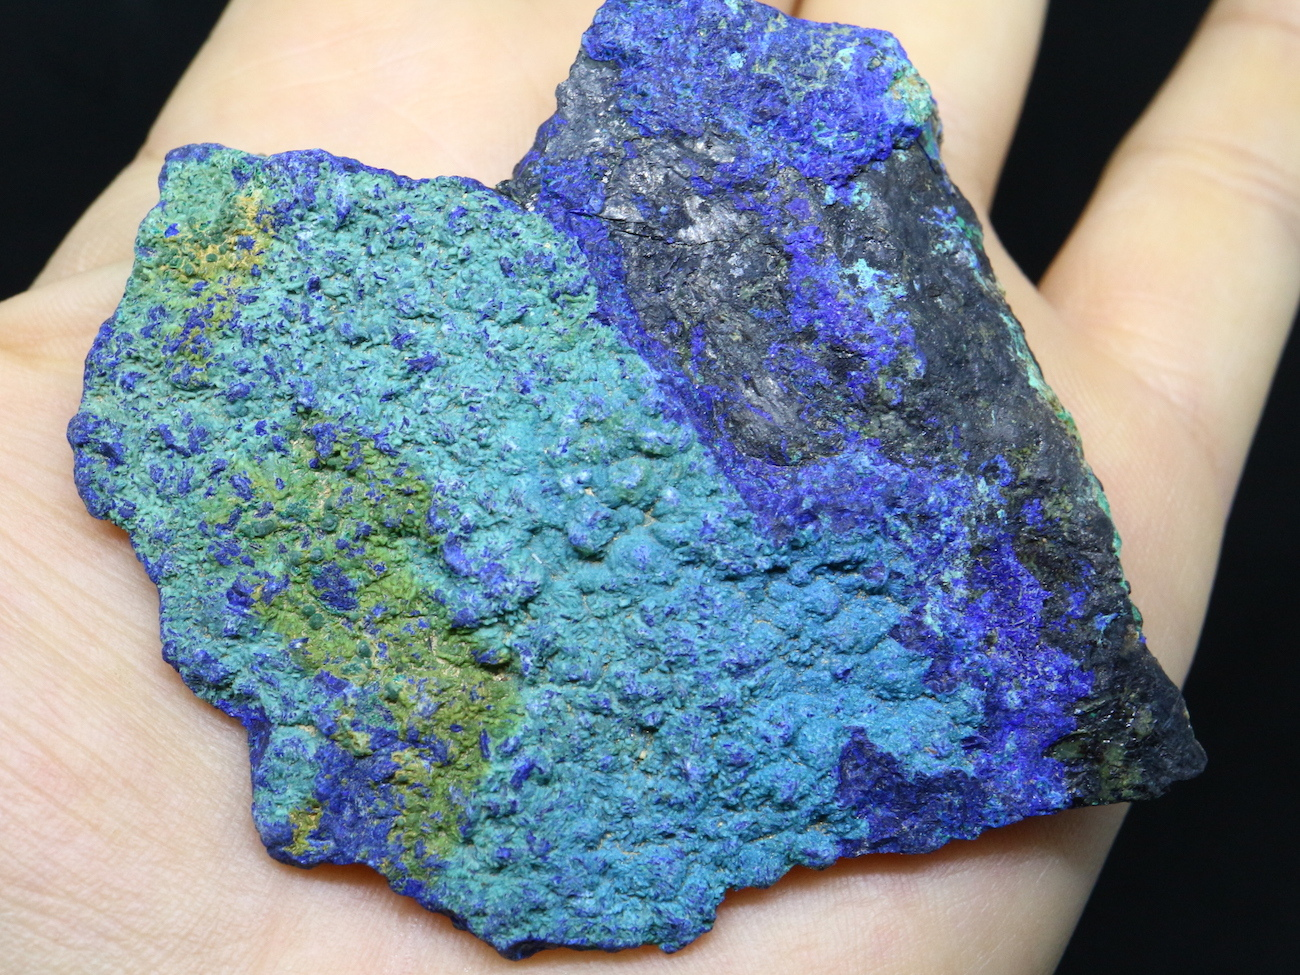 アリゾナ産 アズライト アジュライト 53,5g 原石 鉱物 標本 AZR004